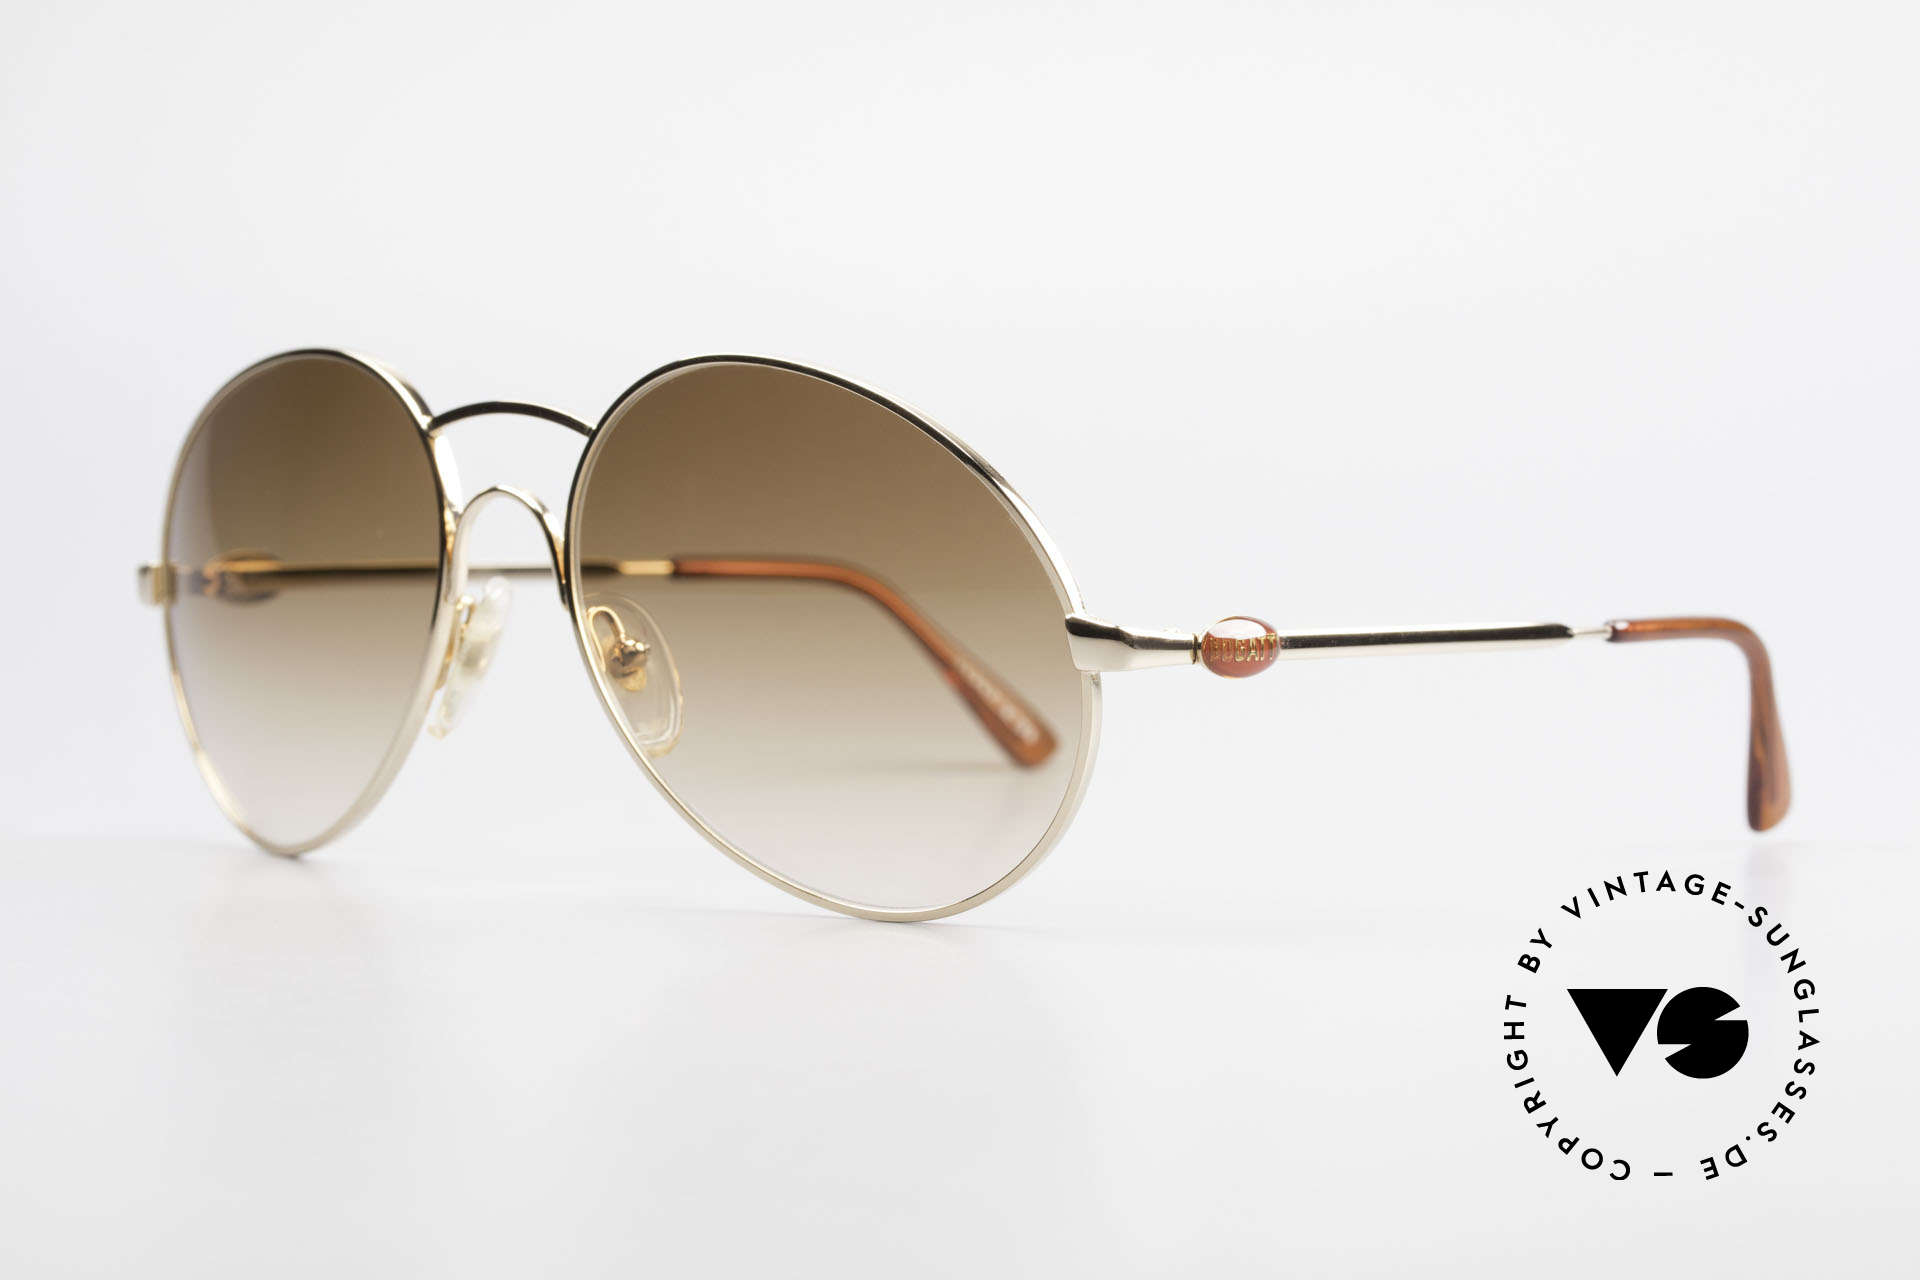 Bugatti 64947 Original 80er XL Sonnenbrille, eine Luxus-Sonnenbrille in XLARGE-Größe (146mm), Passend für Herren